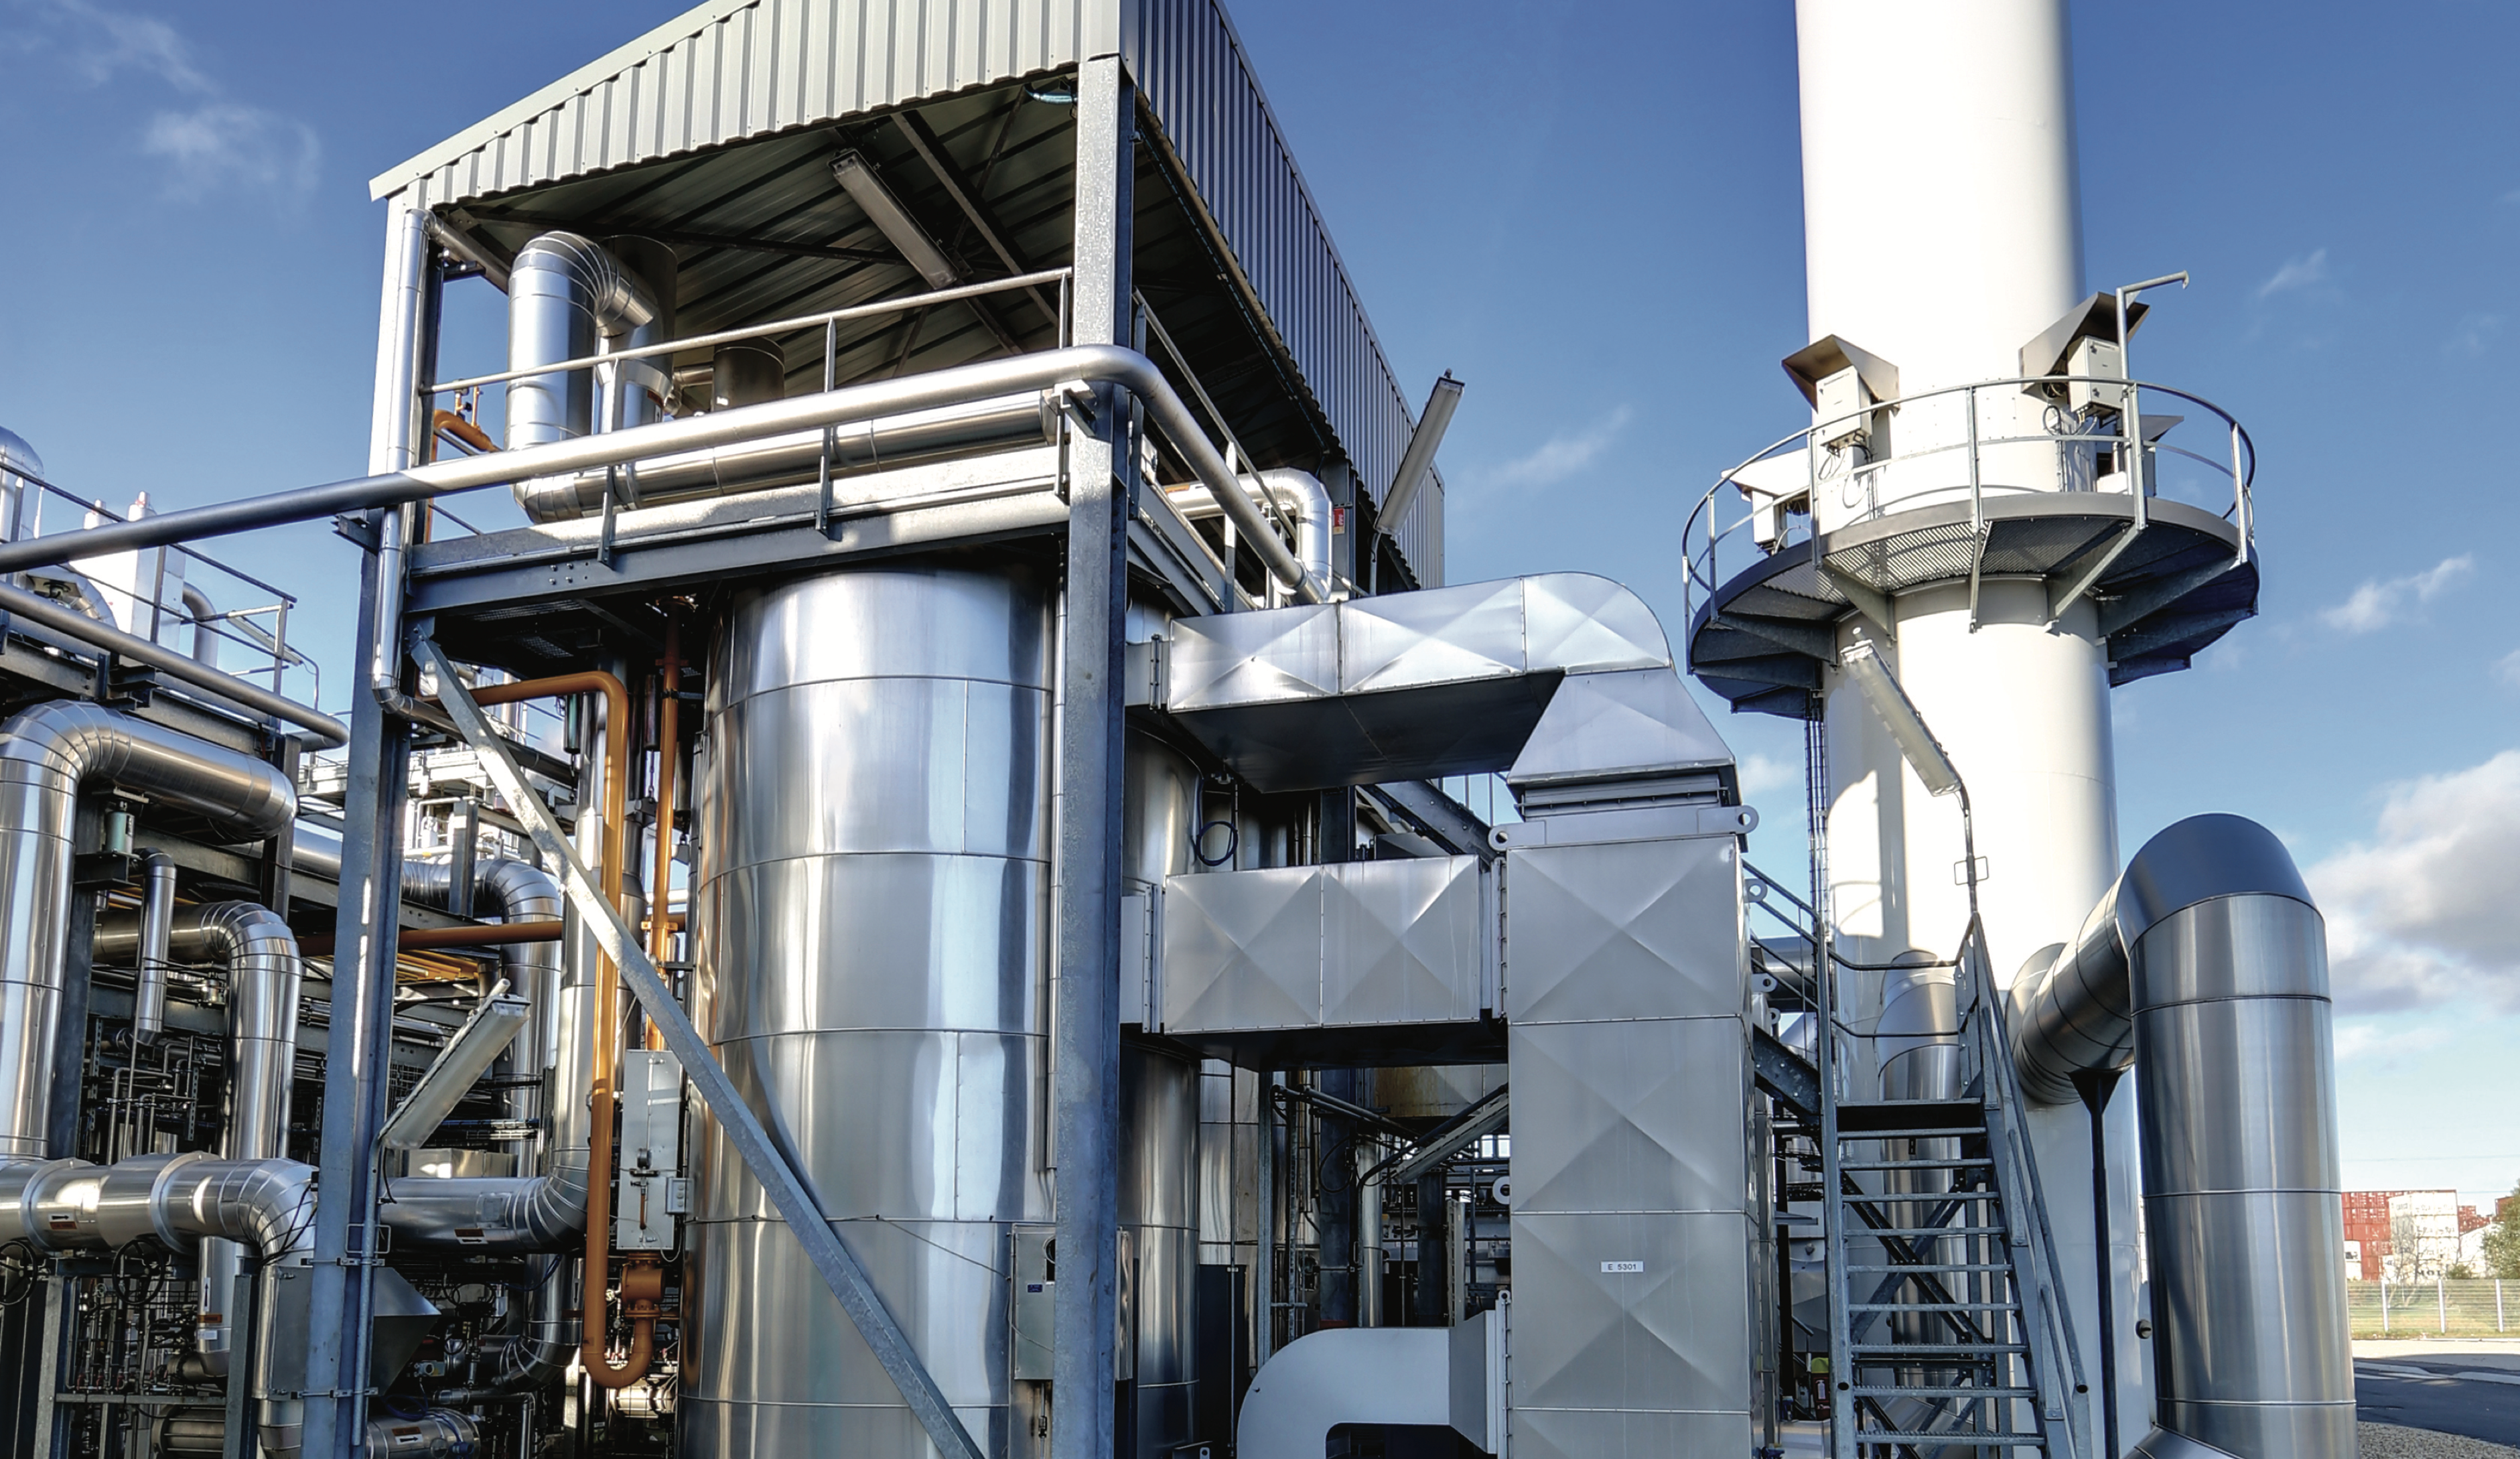 Chaudière fluide thermique dans centrale mutli-utilités